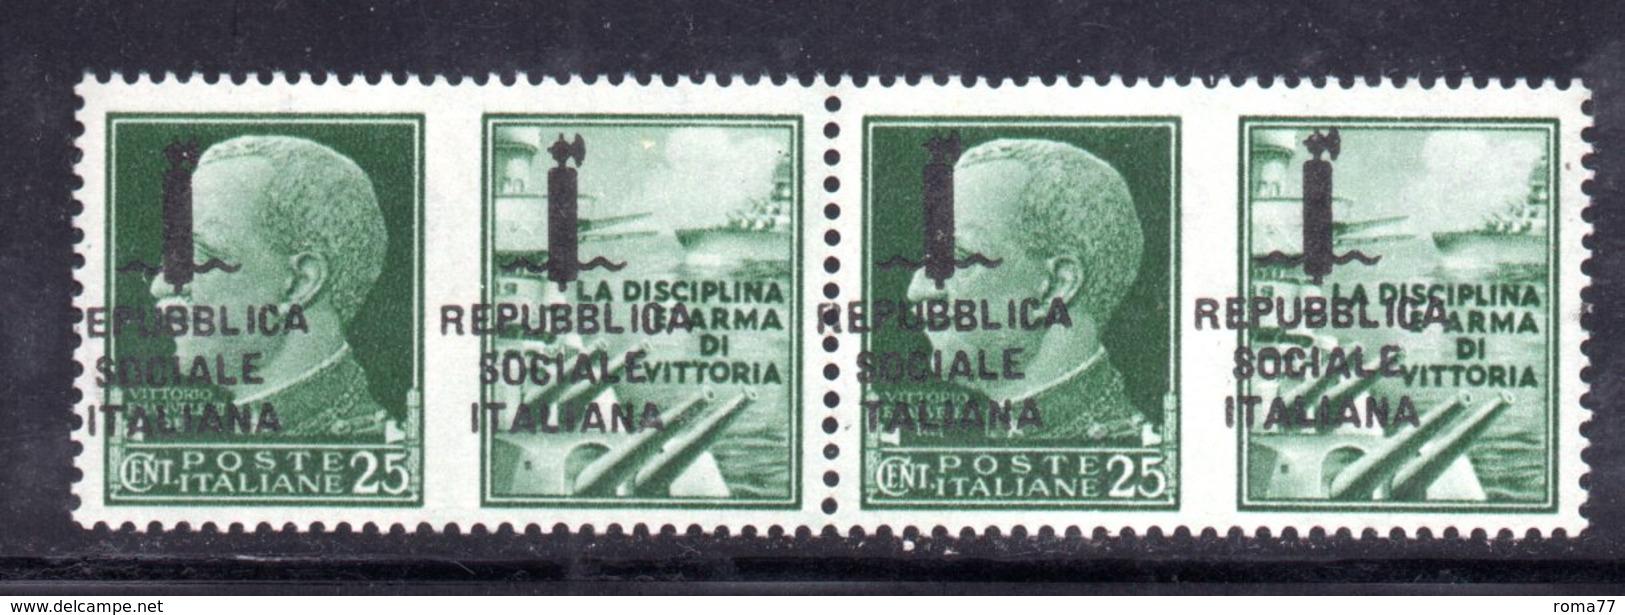 RSI186 - GNR 1944 ,  Propaganda Di Guerra 25 Centesimi Soprastampa Spostata : Coppia **  MNH.Firenze - 4. 1944-45 Repubblica Sociale